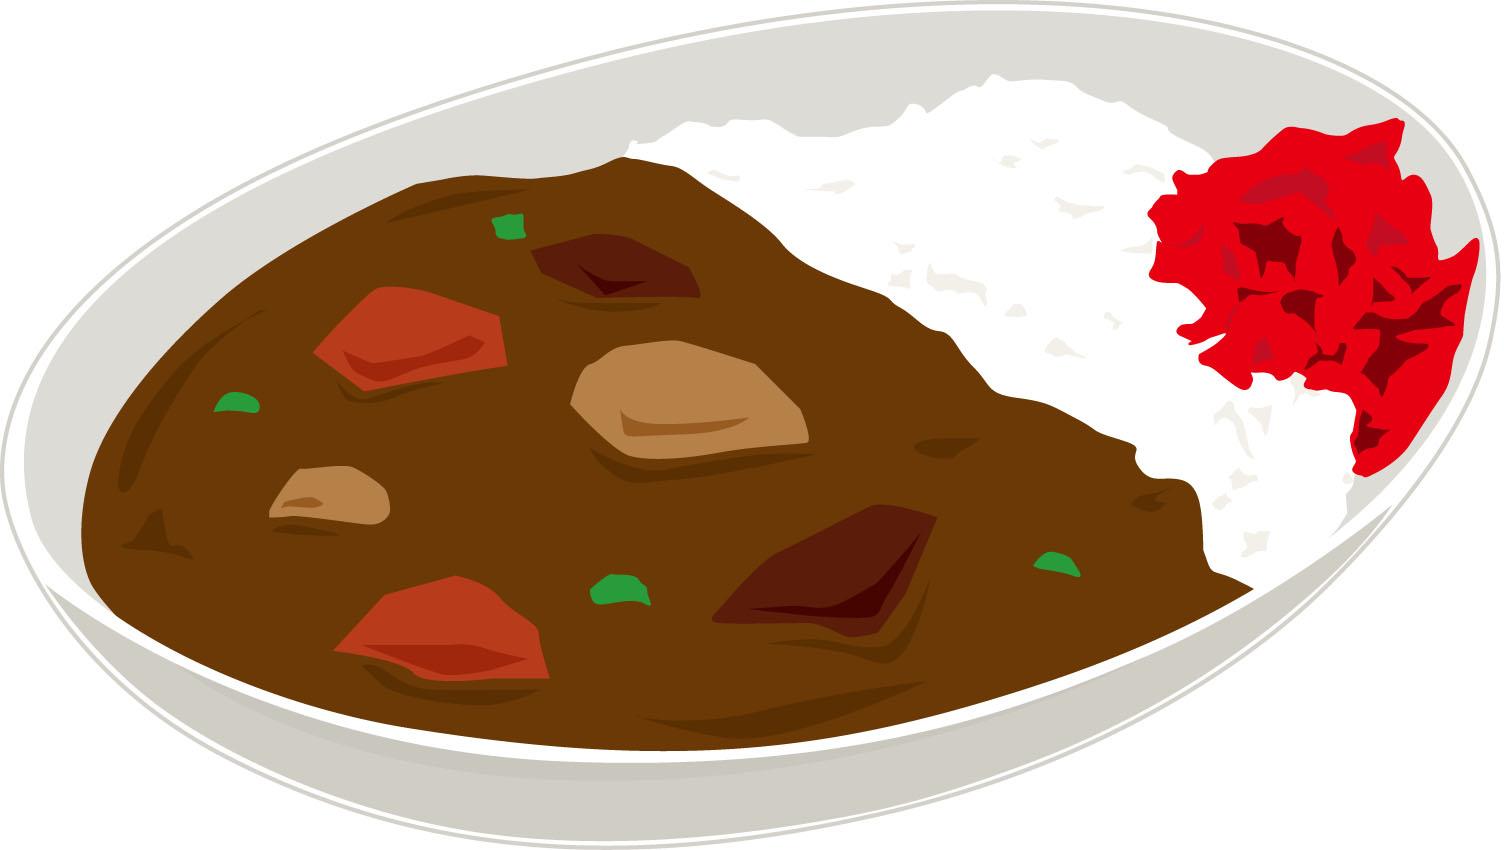 糖質制限でカレーは食べていいの?